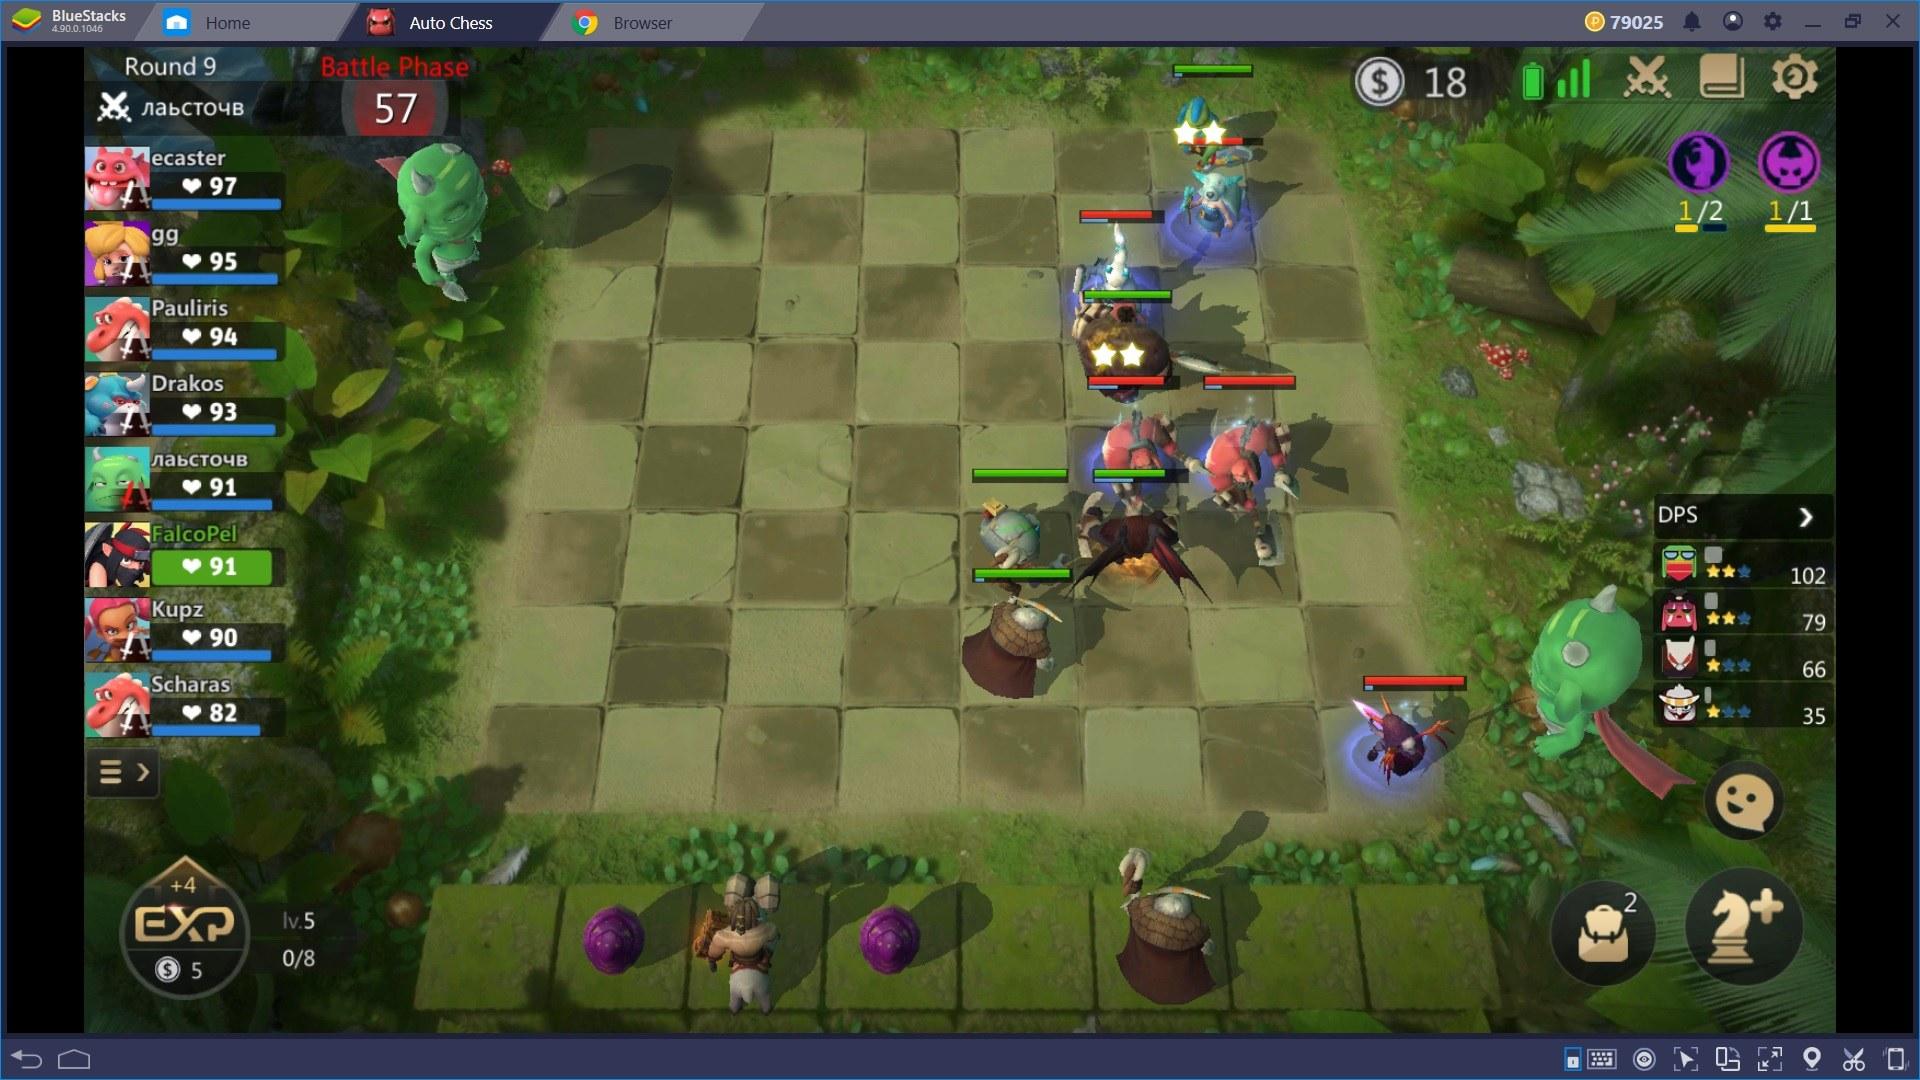 Guida al Combattimento e alle Unità in Auto Chess